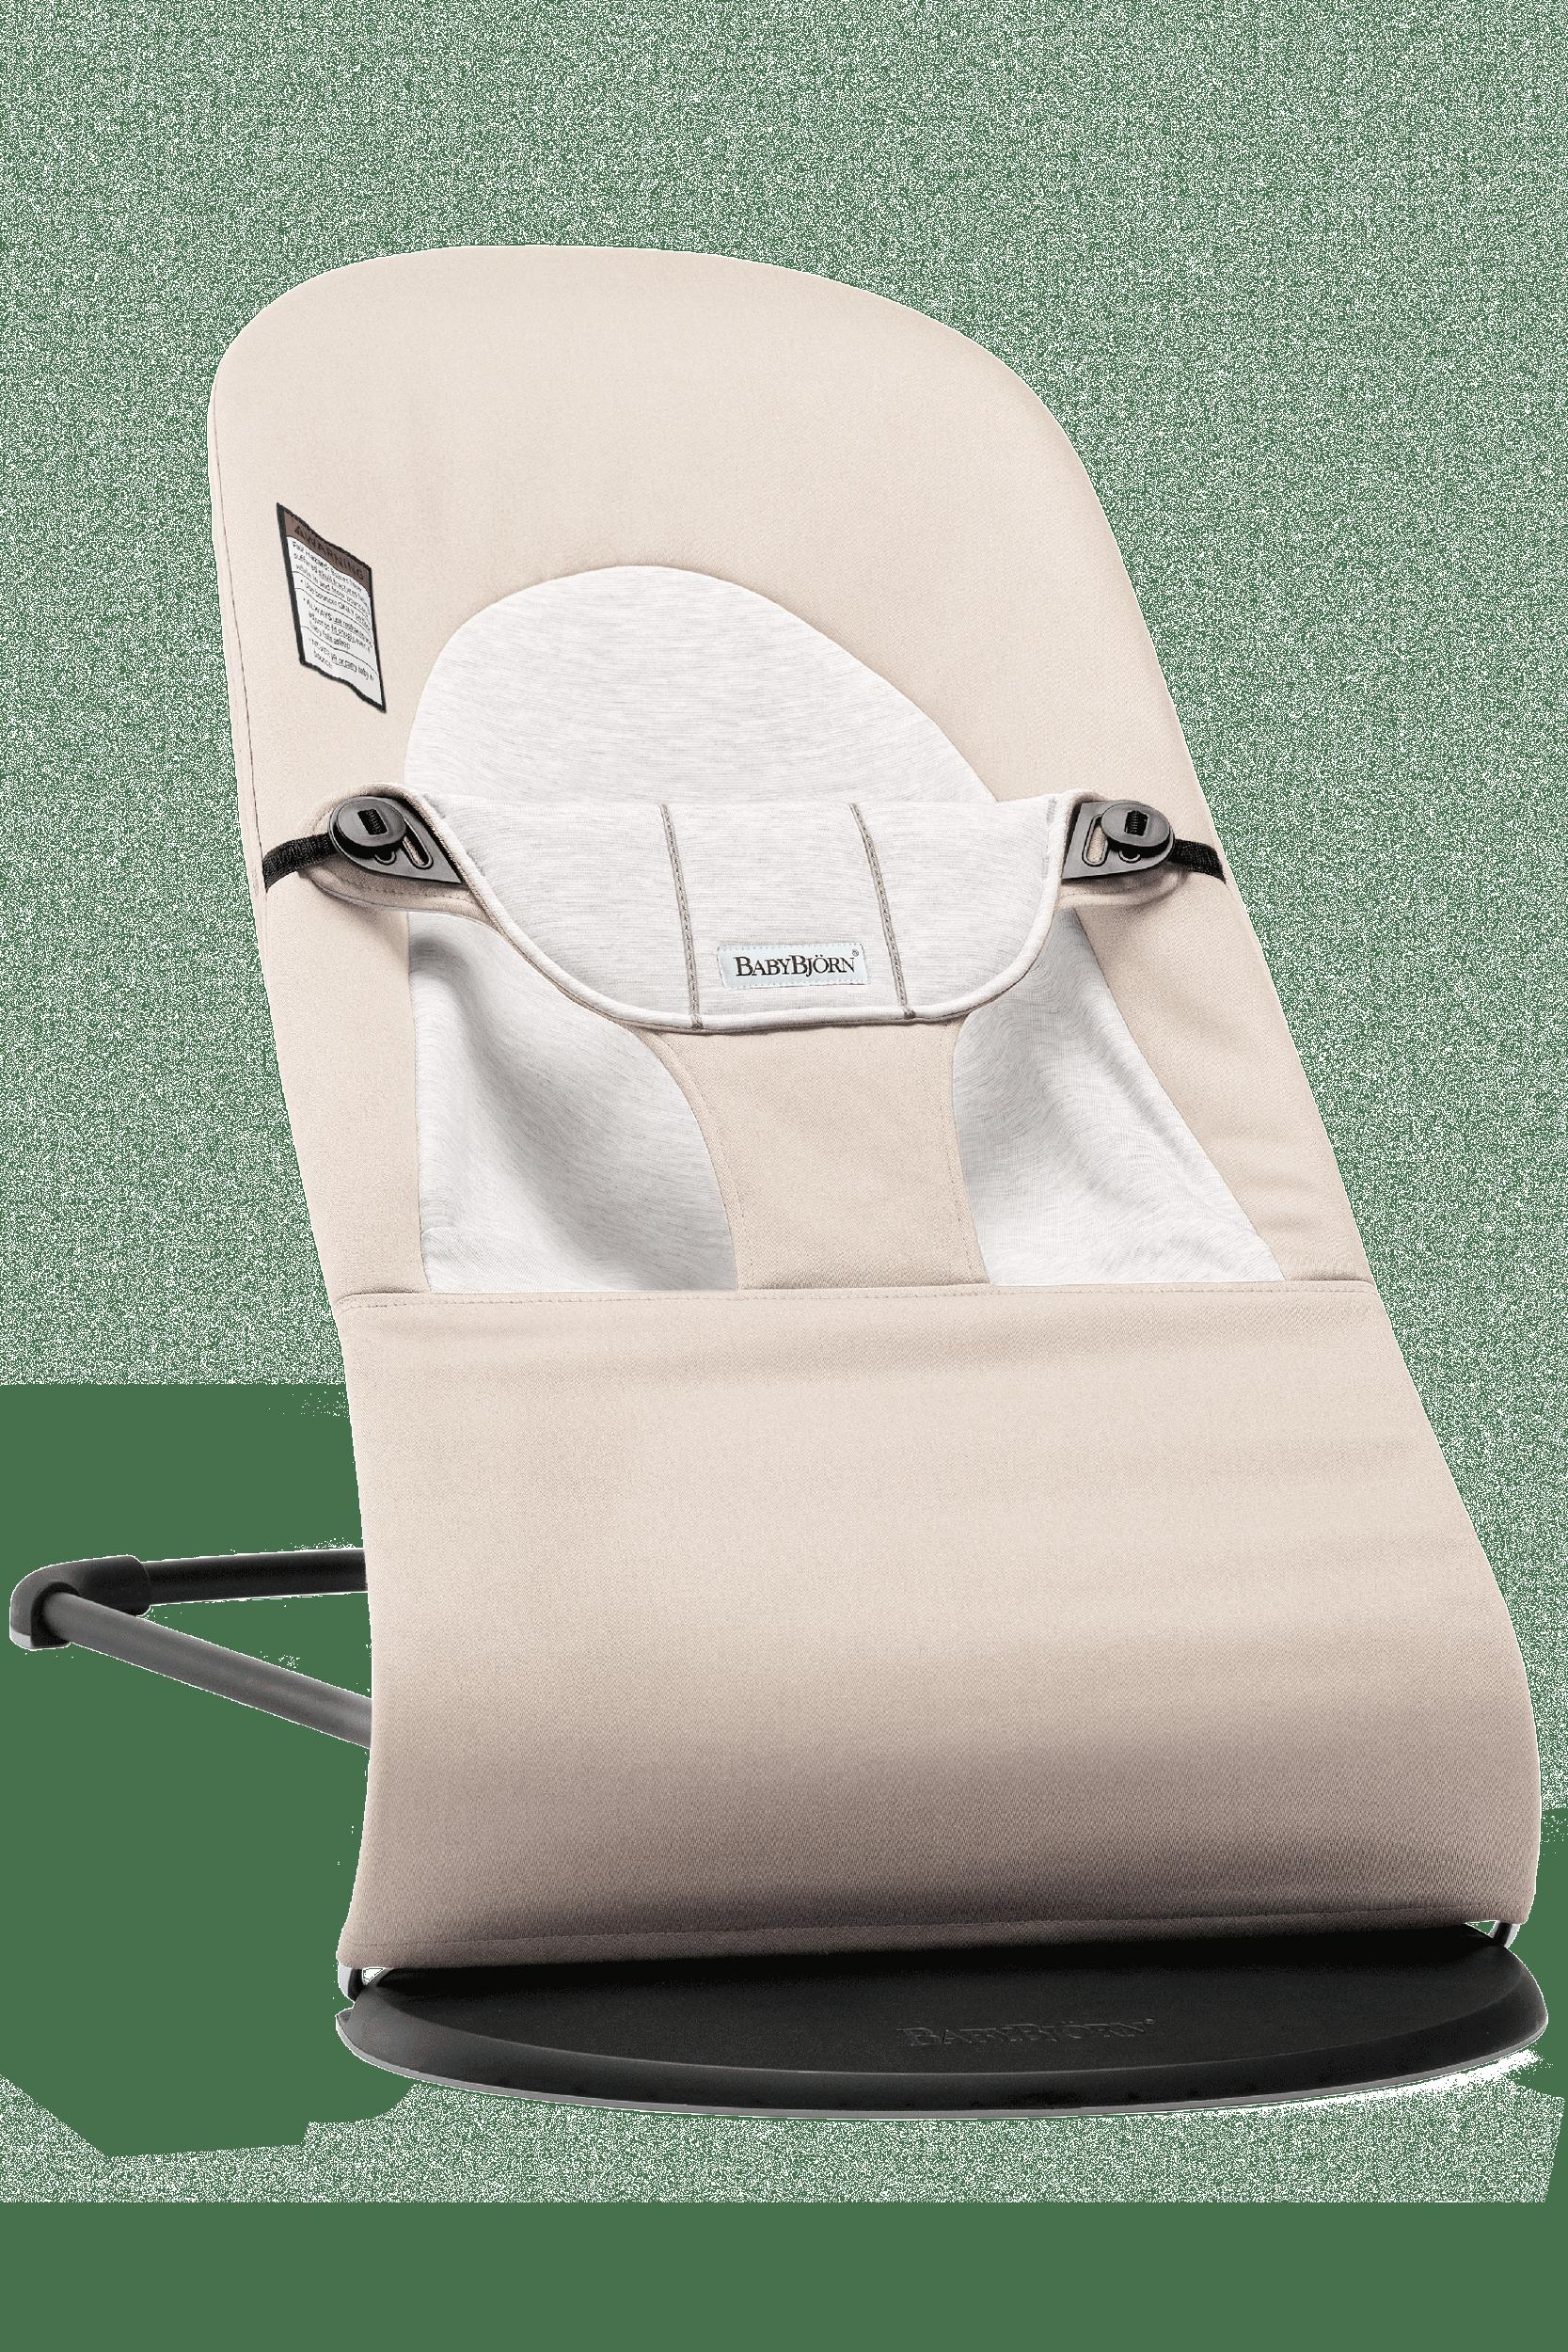 Luxus klassisch auf großhandel Balance Soft – an ergonomic baby bouncer   BABYBJÖRN